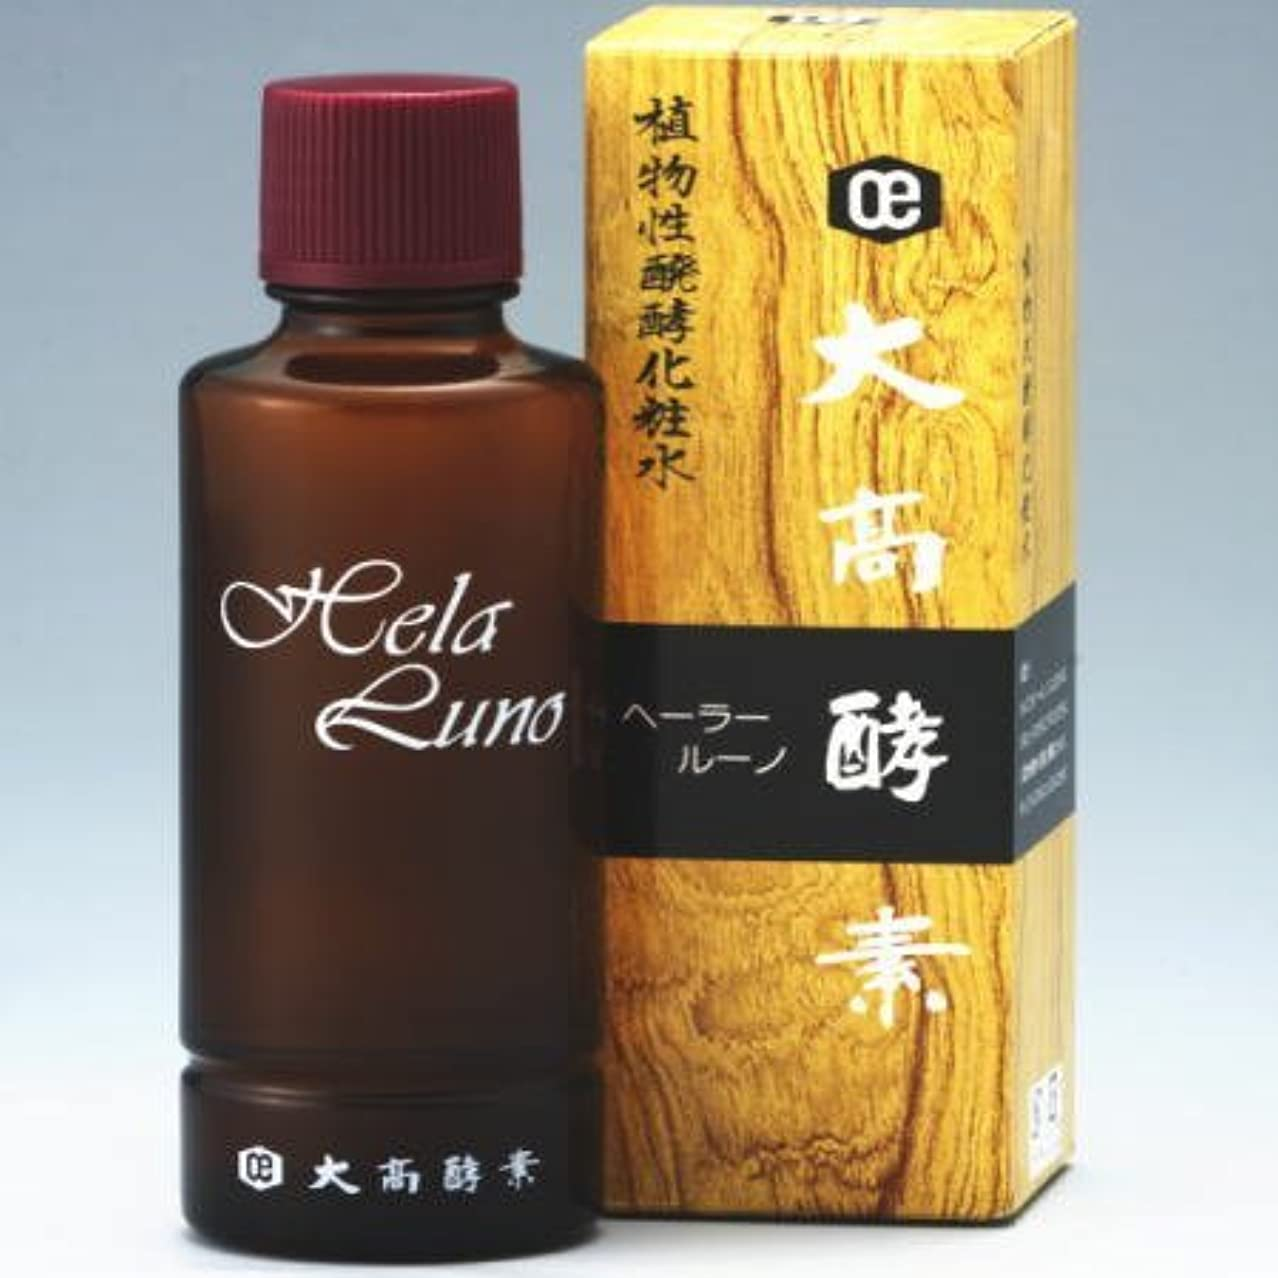 名前パテビジョン大高酵素 ヘーラールーノ 植物エキス醗酵美容水 120ml